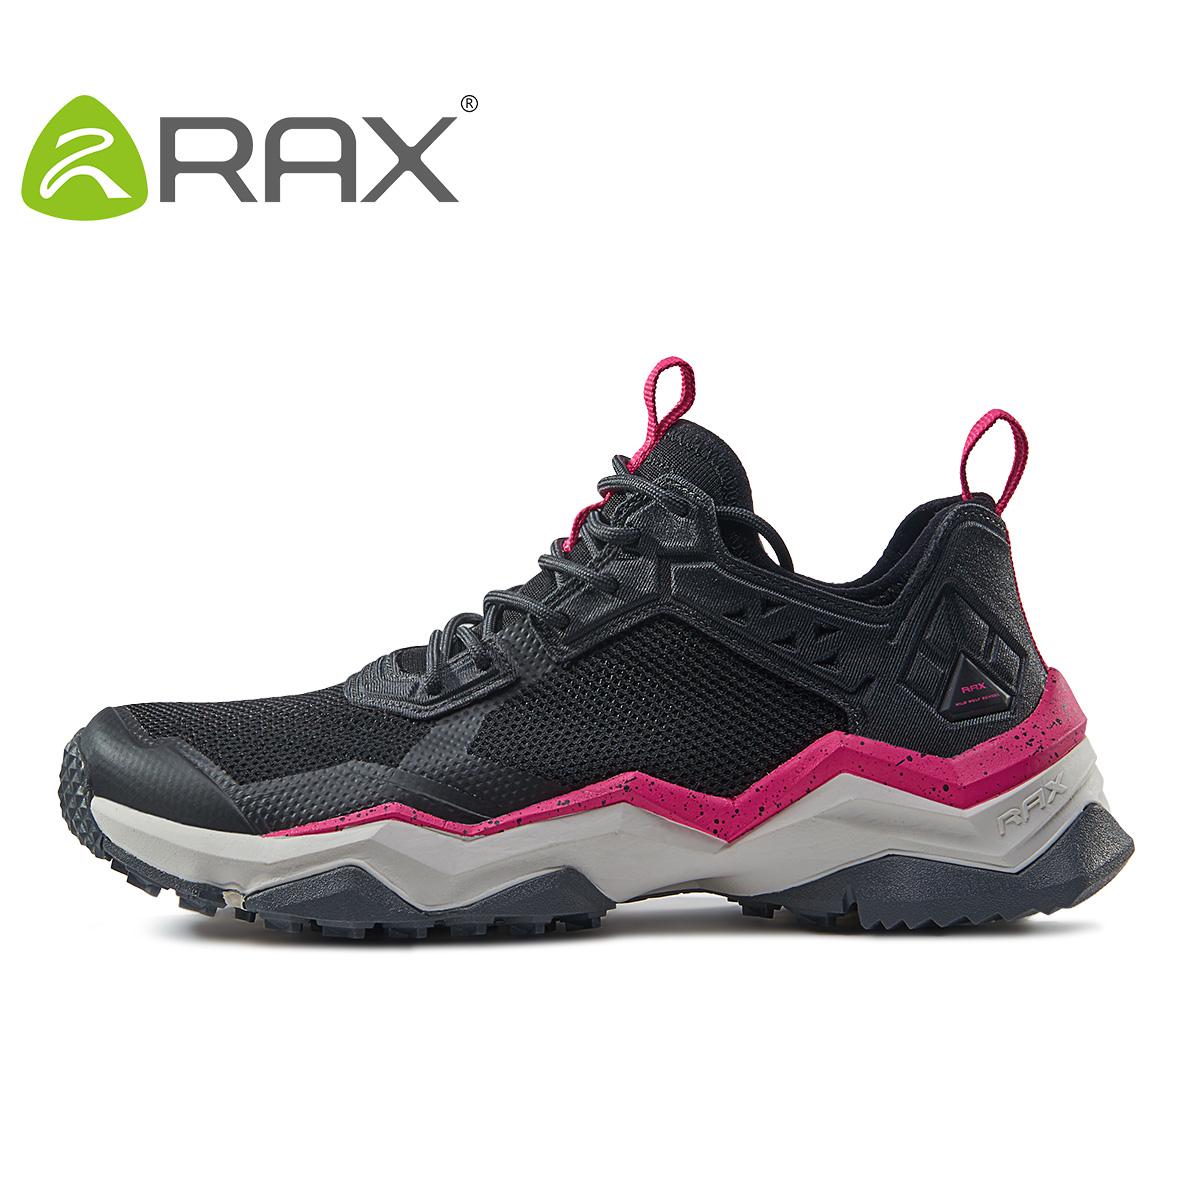 春夏登山鞋男透气徒步鞋女防滑户外鞋耐磨鞋爬山鞋旅游鞋 RAX 清仓